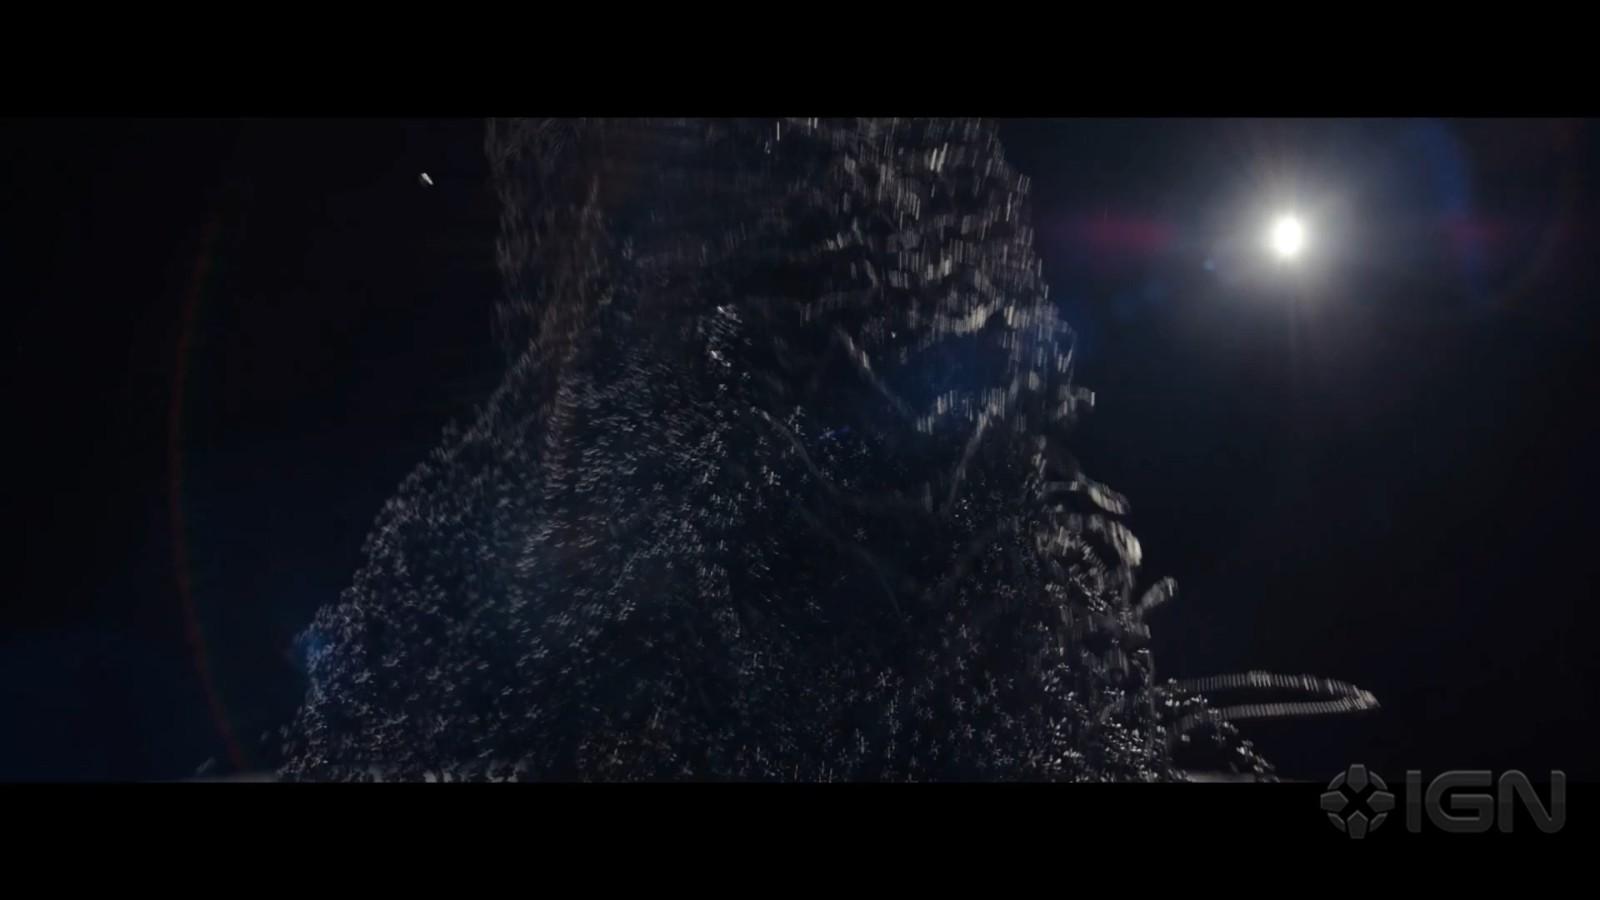 优盈平台幻灾害片《月球坠落》首曝预报 月球不是你设想的那样